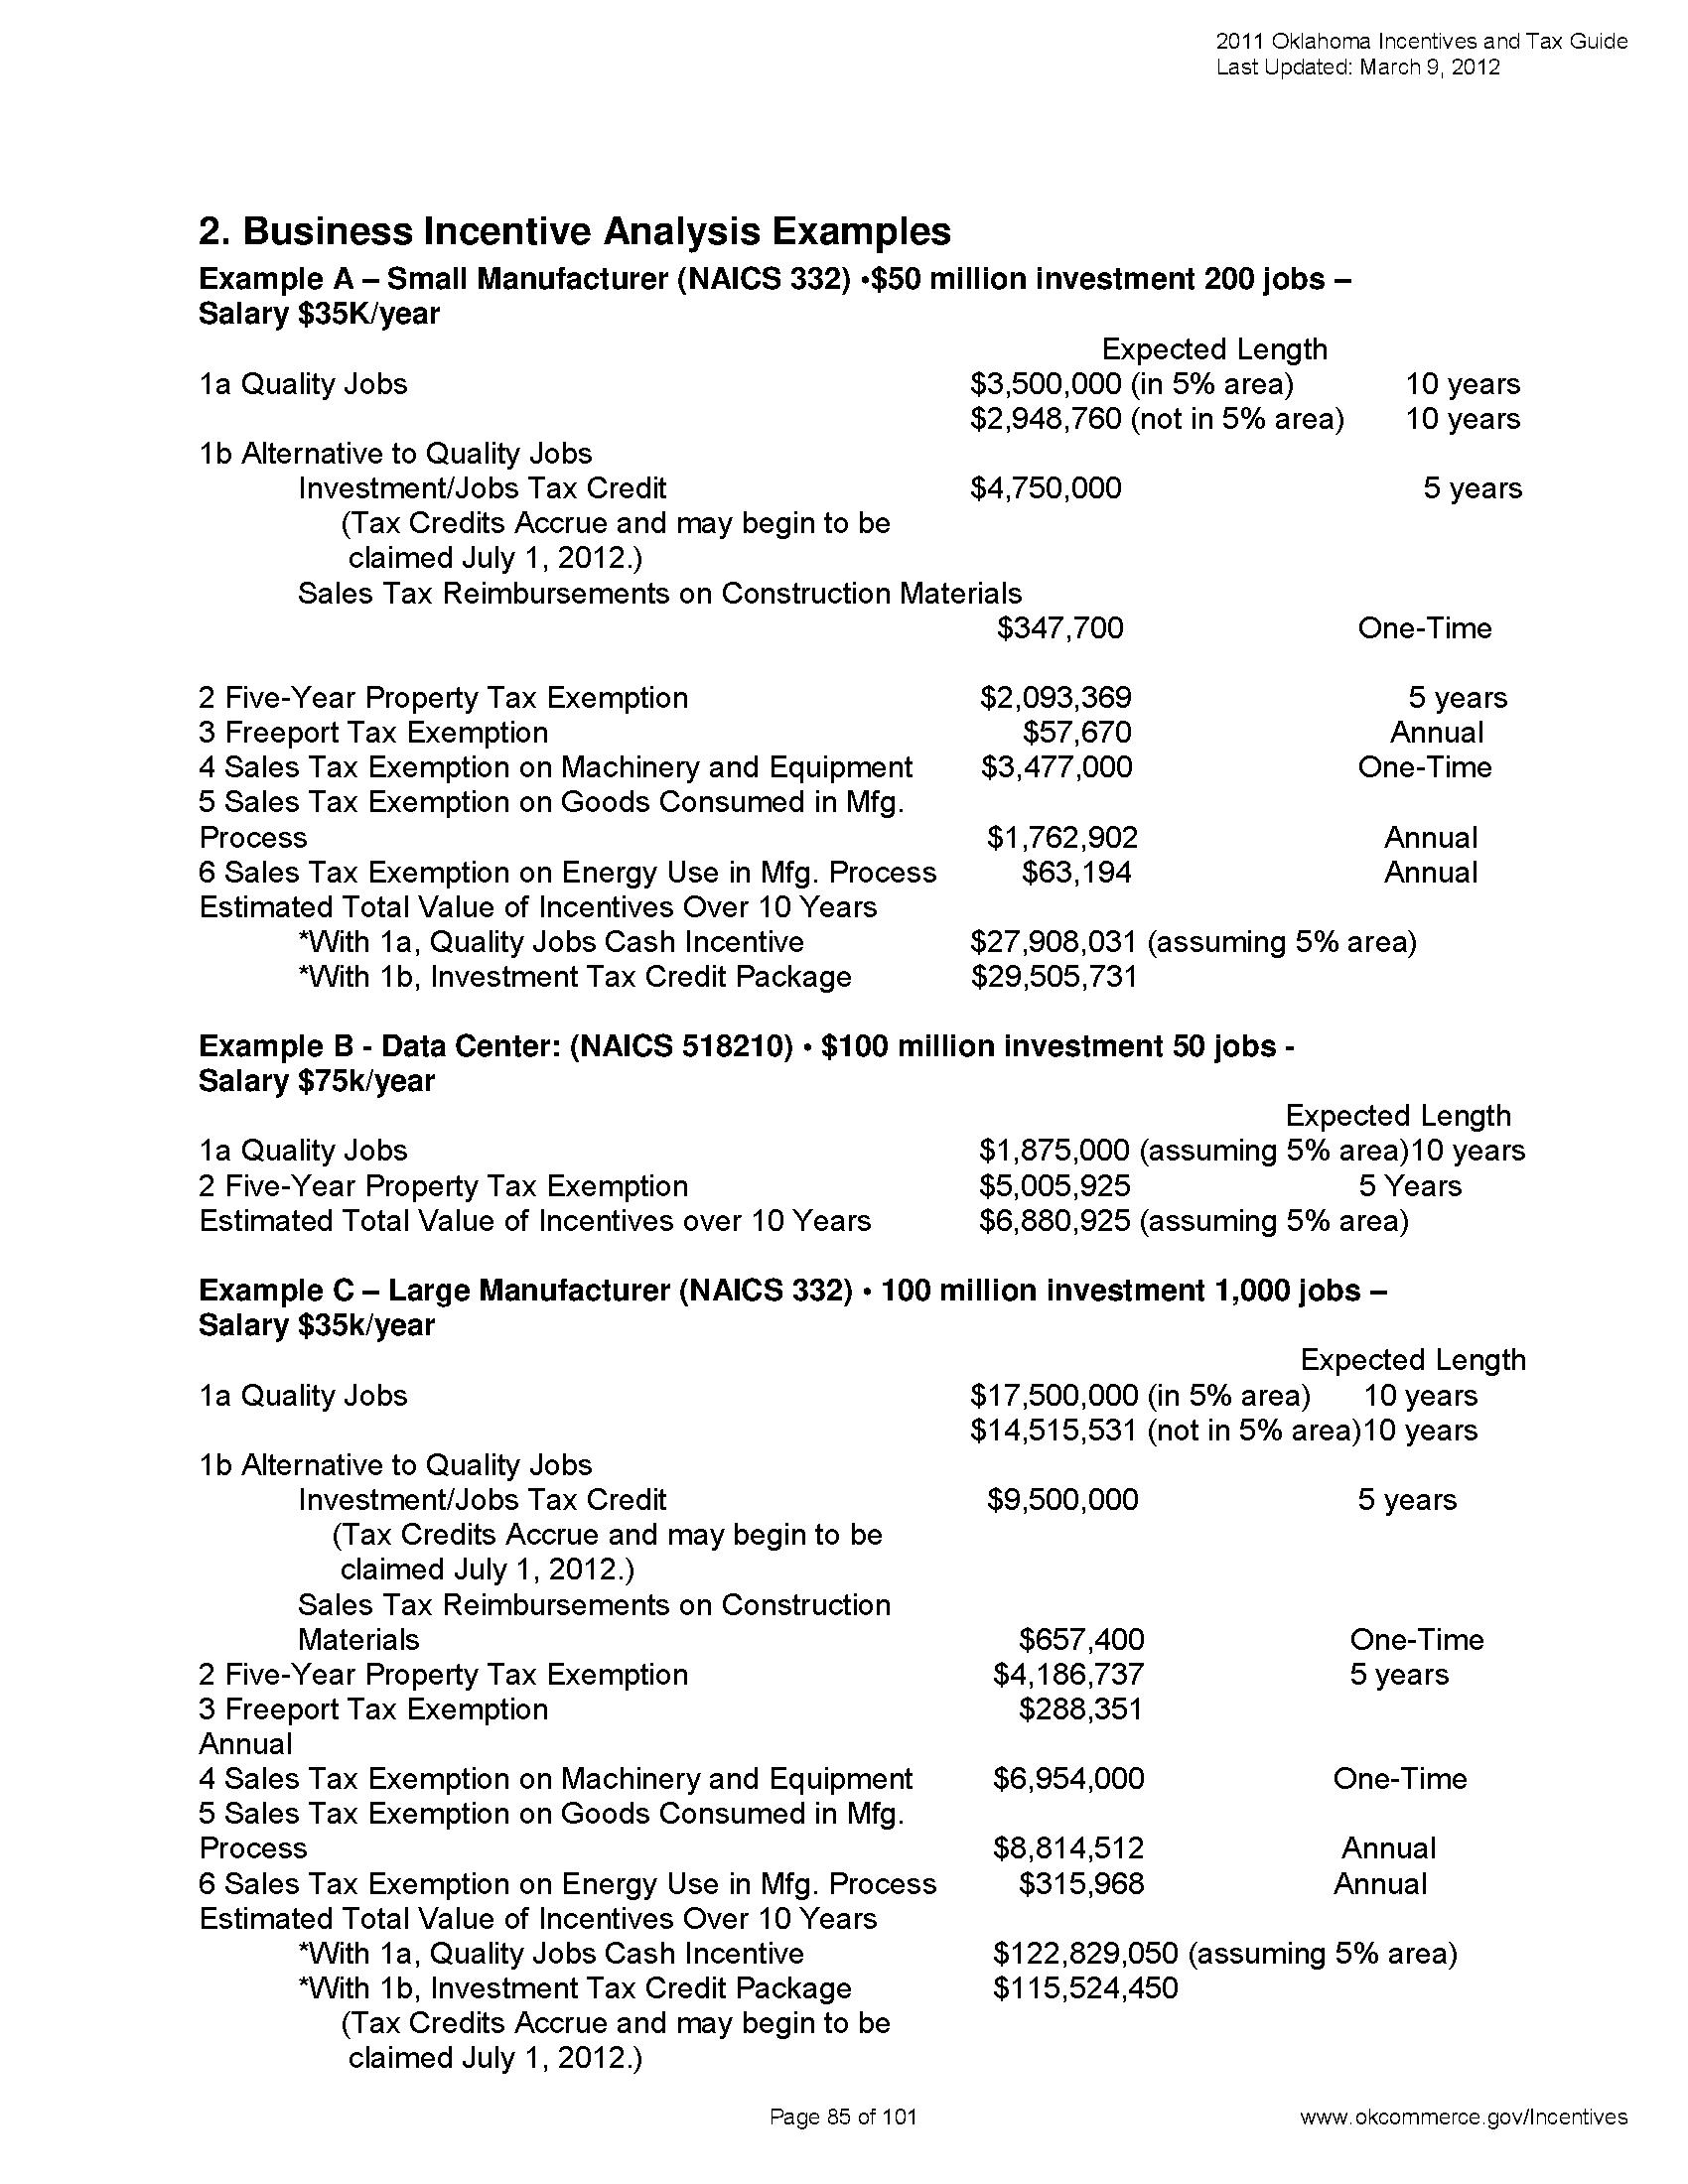 2012-03 Incentives Tax Guide 85 - Documents OK Gov - Oklahoma